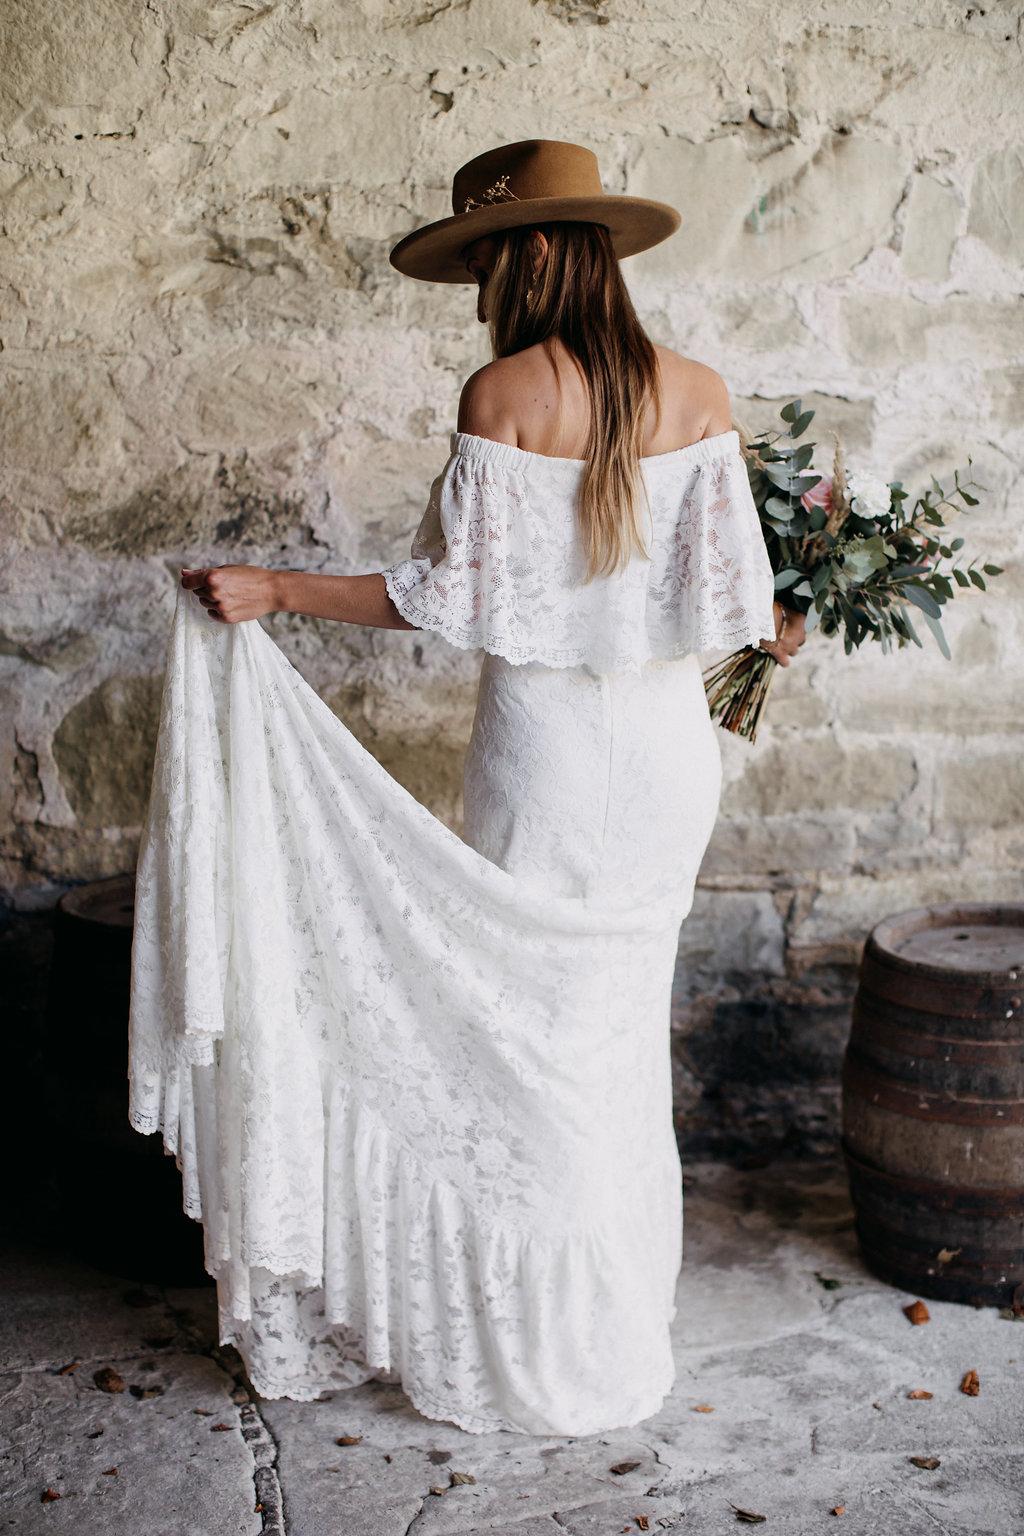 Boho braut Outfit, Boho Brautkleid, Boho Braut Frisur, Boho braut Styling, Boho Brautkleid, Brautkleid Daughters of Simone